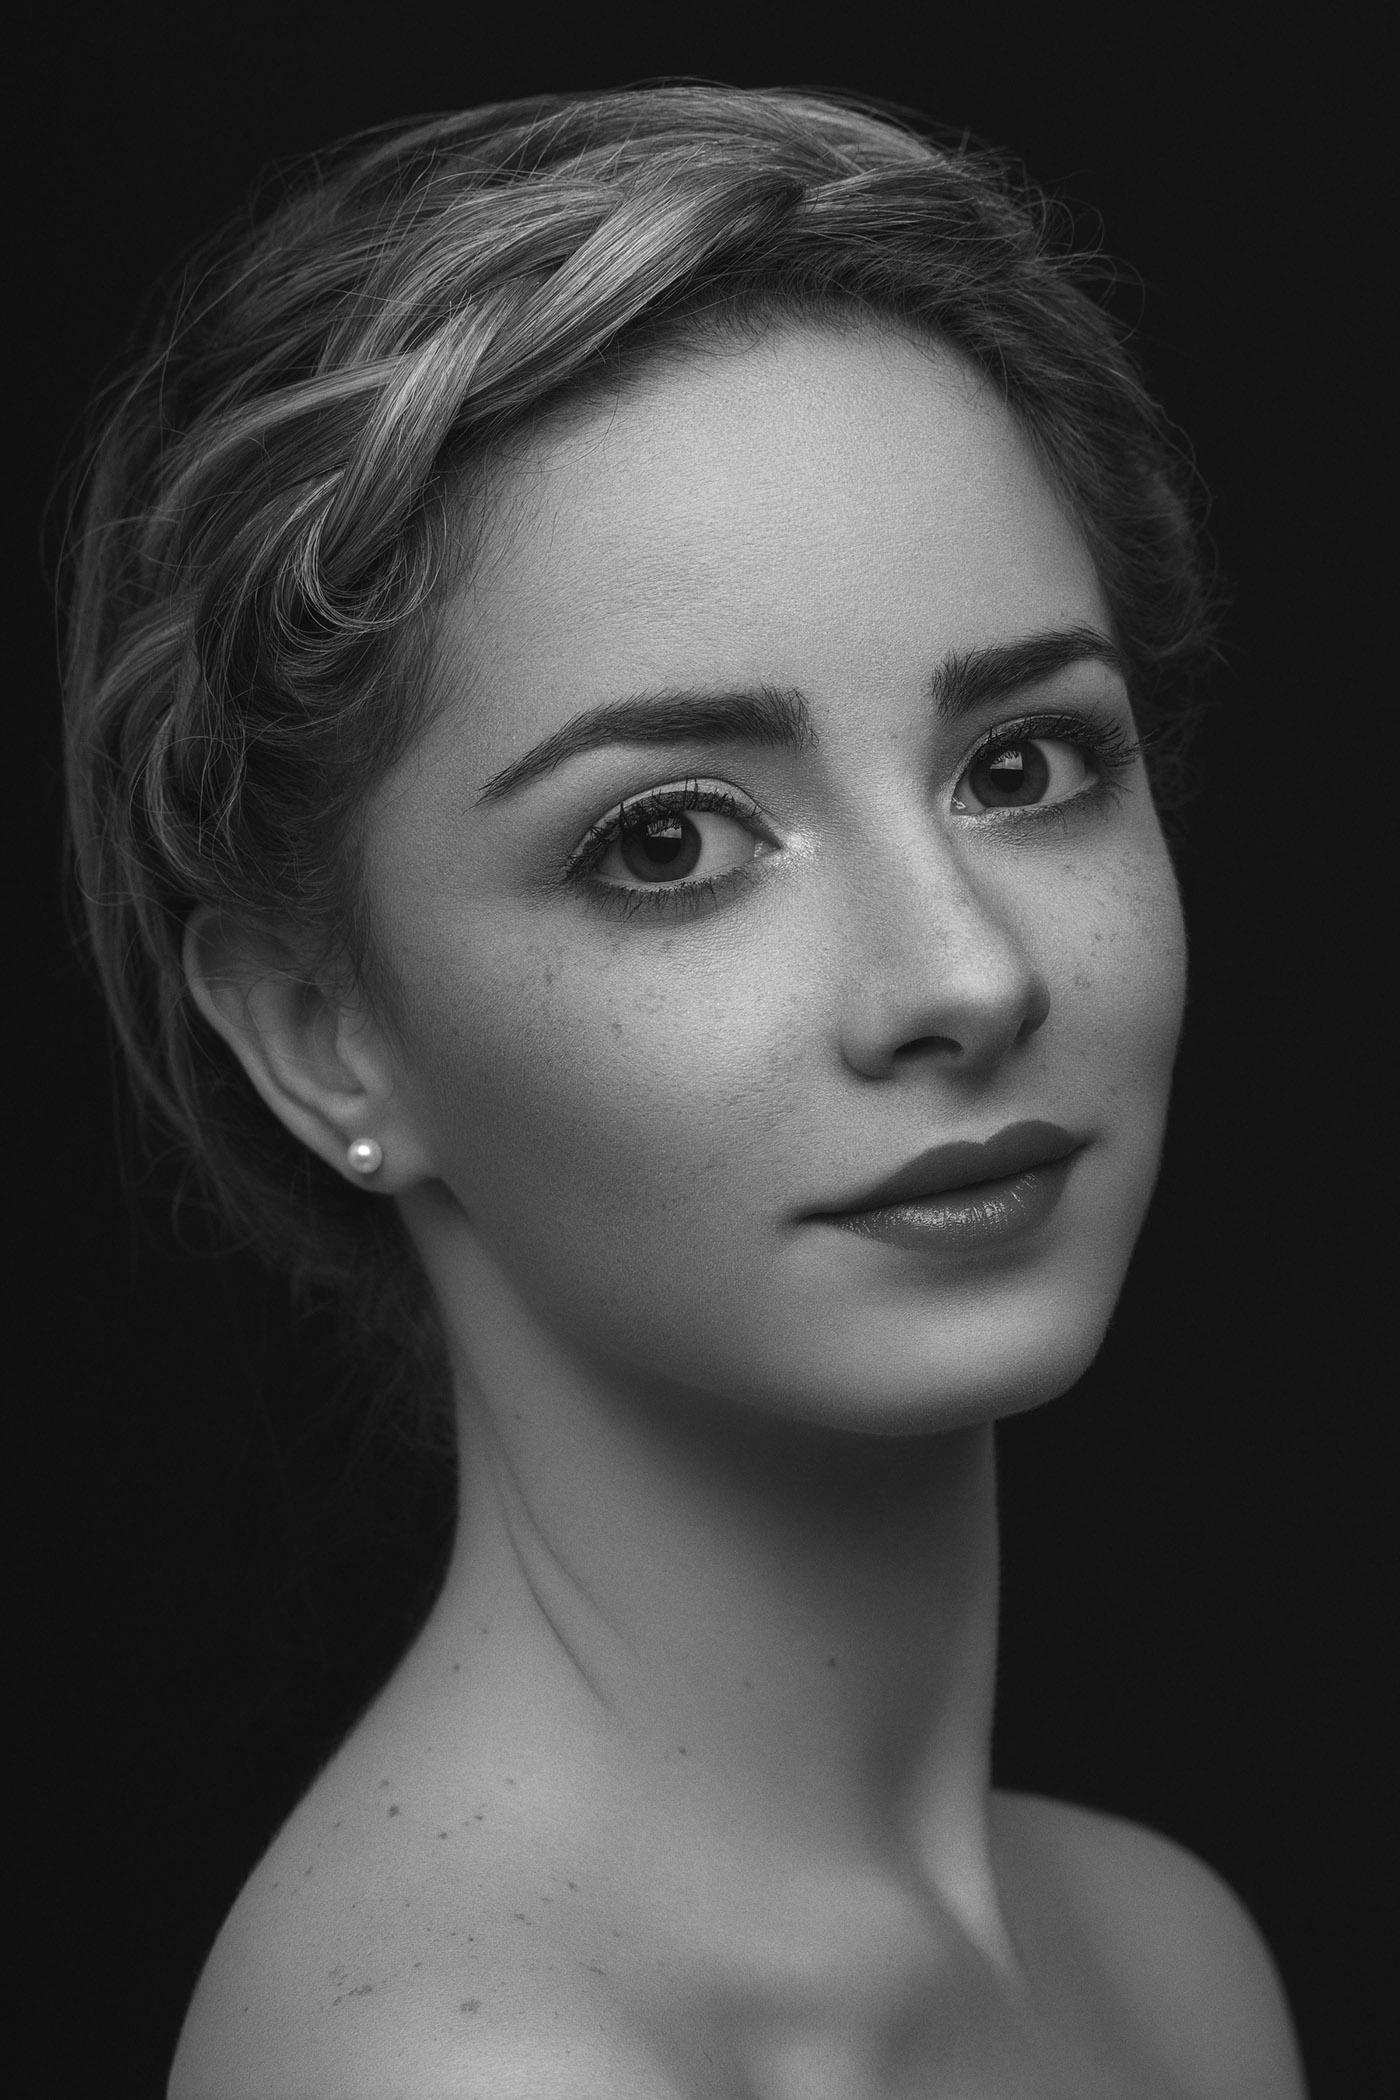 portrait retouching  retouch freckles woman girl Santiago Dominican republic Photography